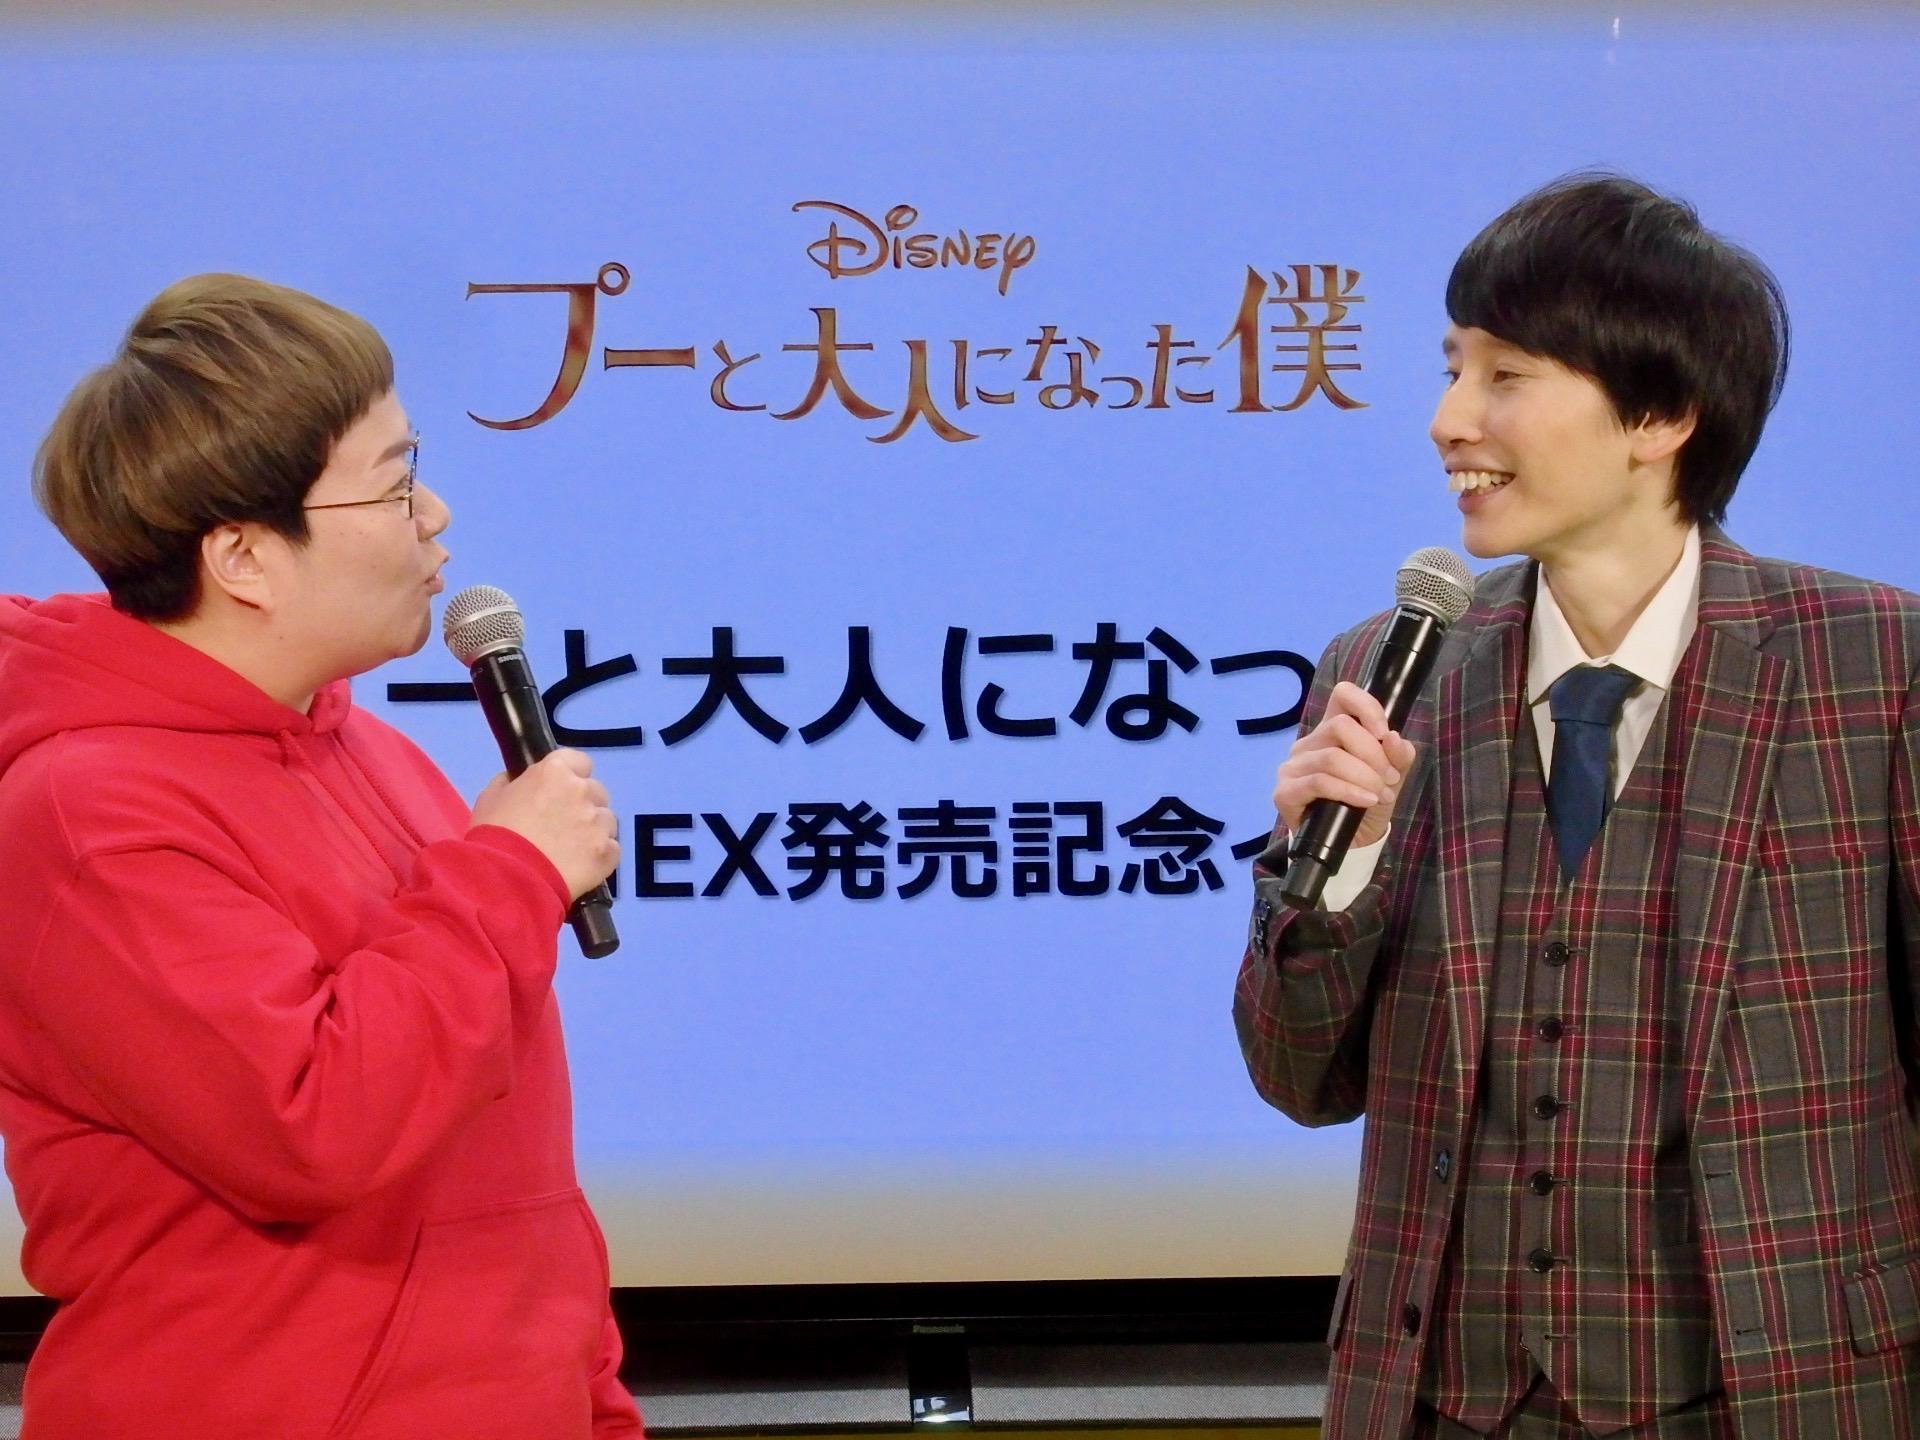 http://news.yoshimoto.co.jp/20181207005412-e703a15c0b27c6bc2d4d5630075cf4ce6fb07dca.jpeg